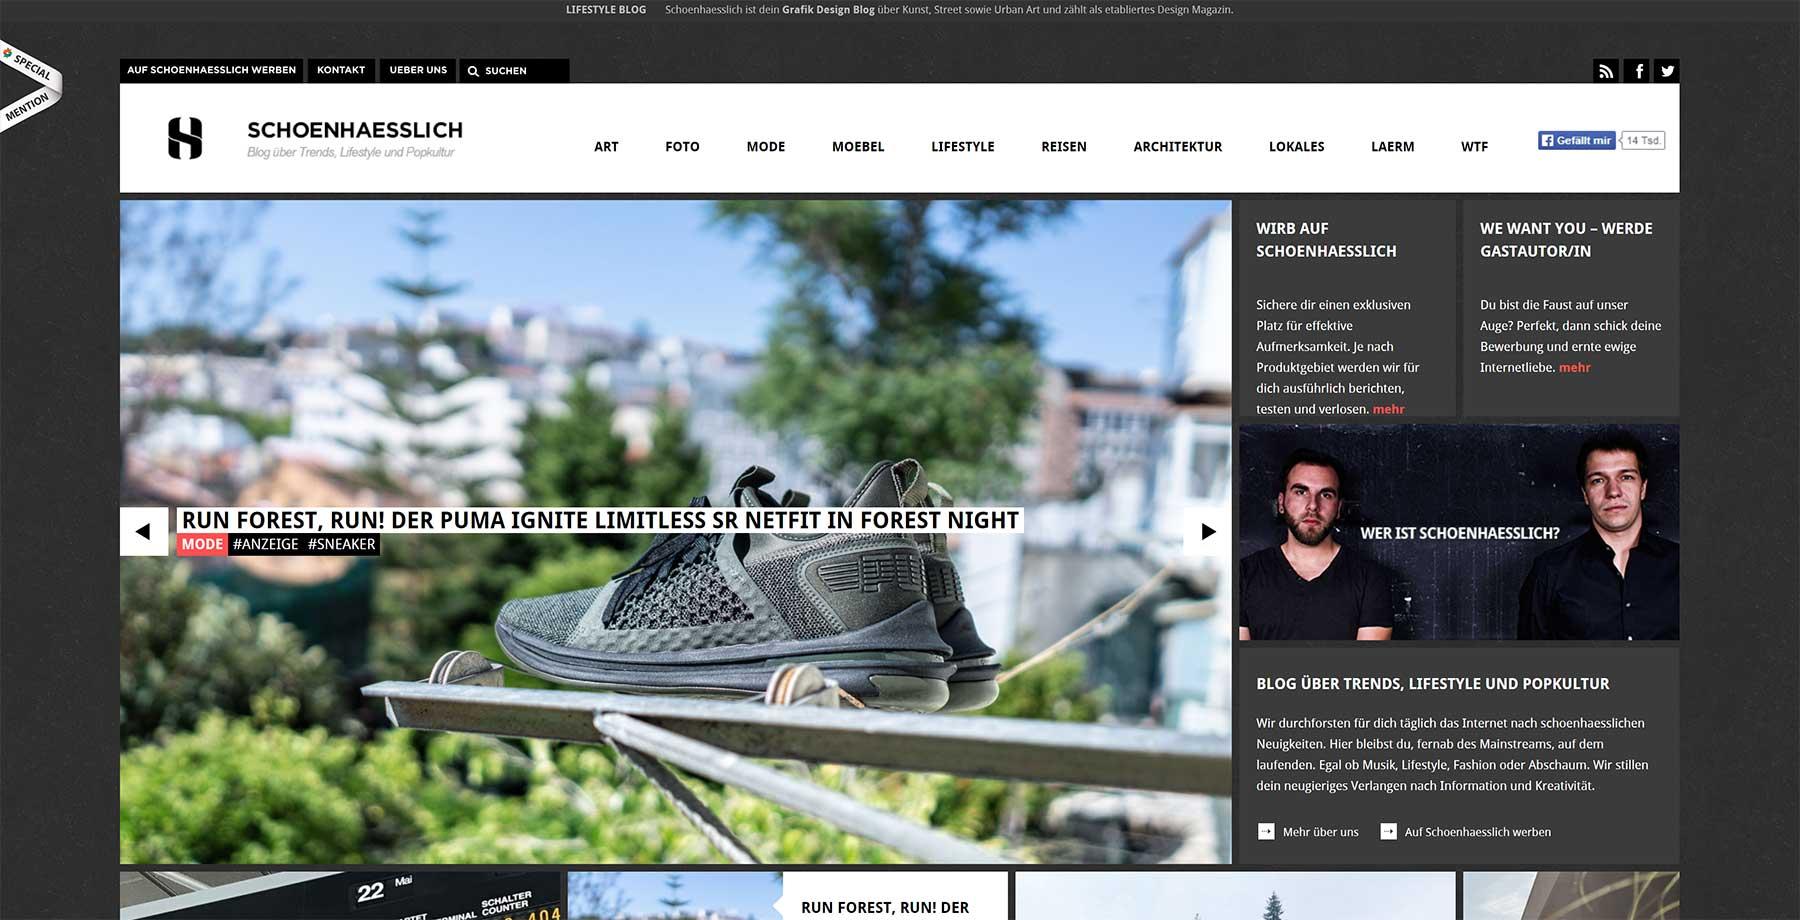 #WirliebenBlogs: Diese Websites solltet ihr euch mal anschauen WirliebenBlogs_01_schoenhaesslich